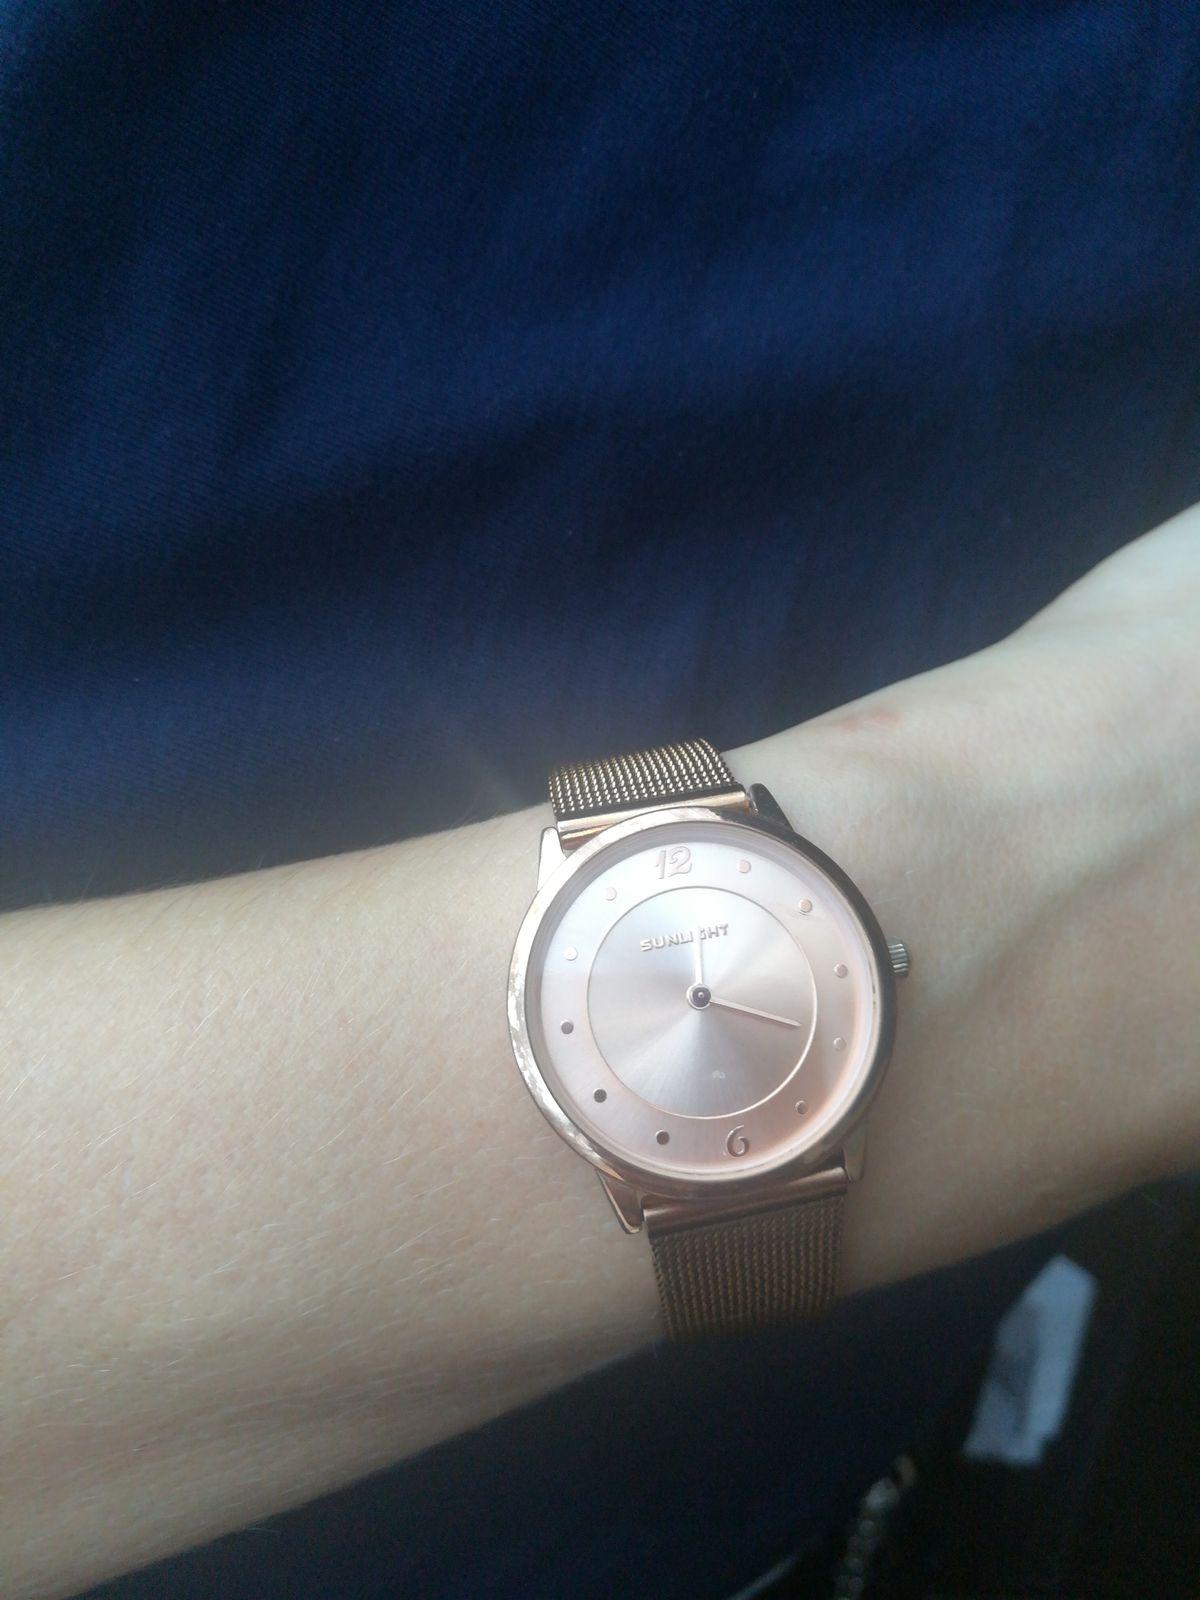 Женские часы на миланском браслете.